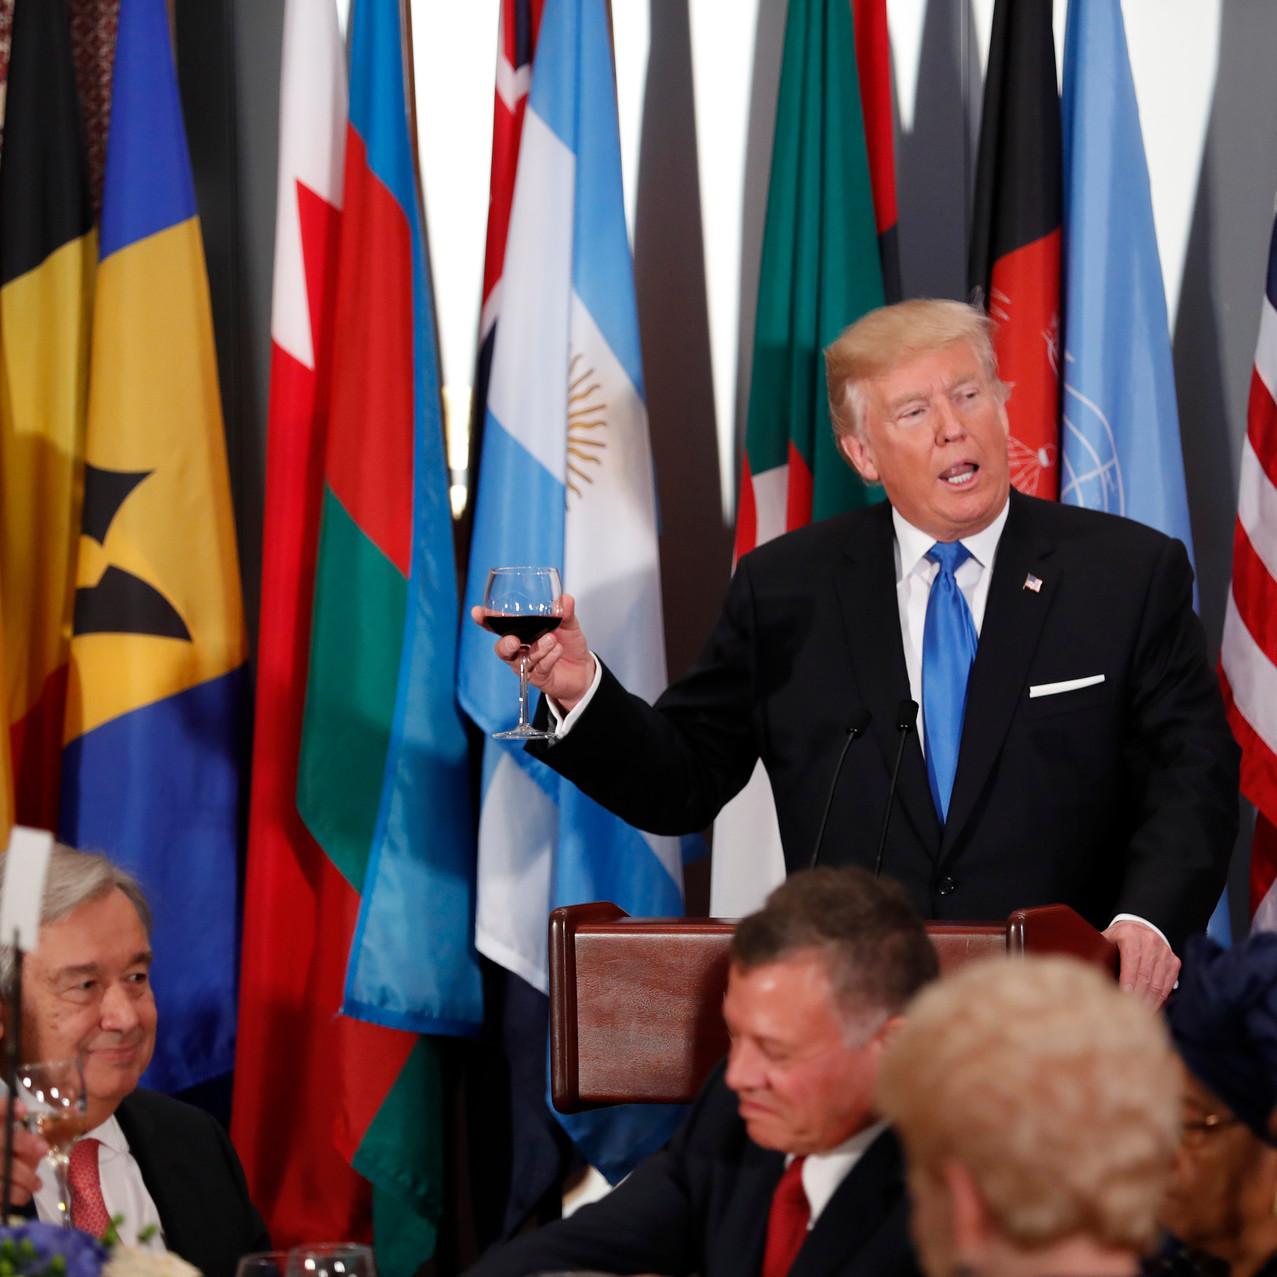 President Trump Toasts World Leaders